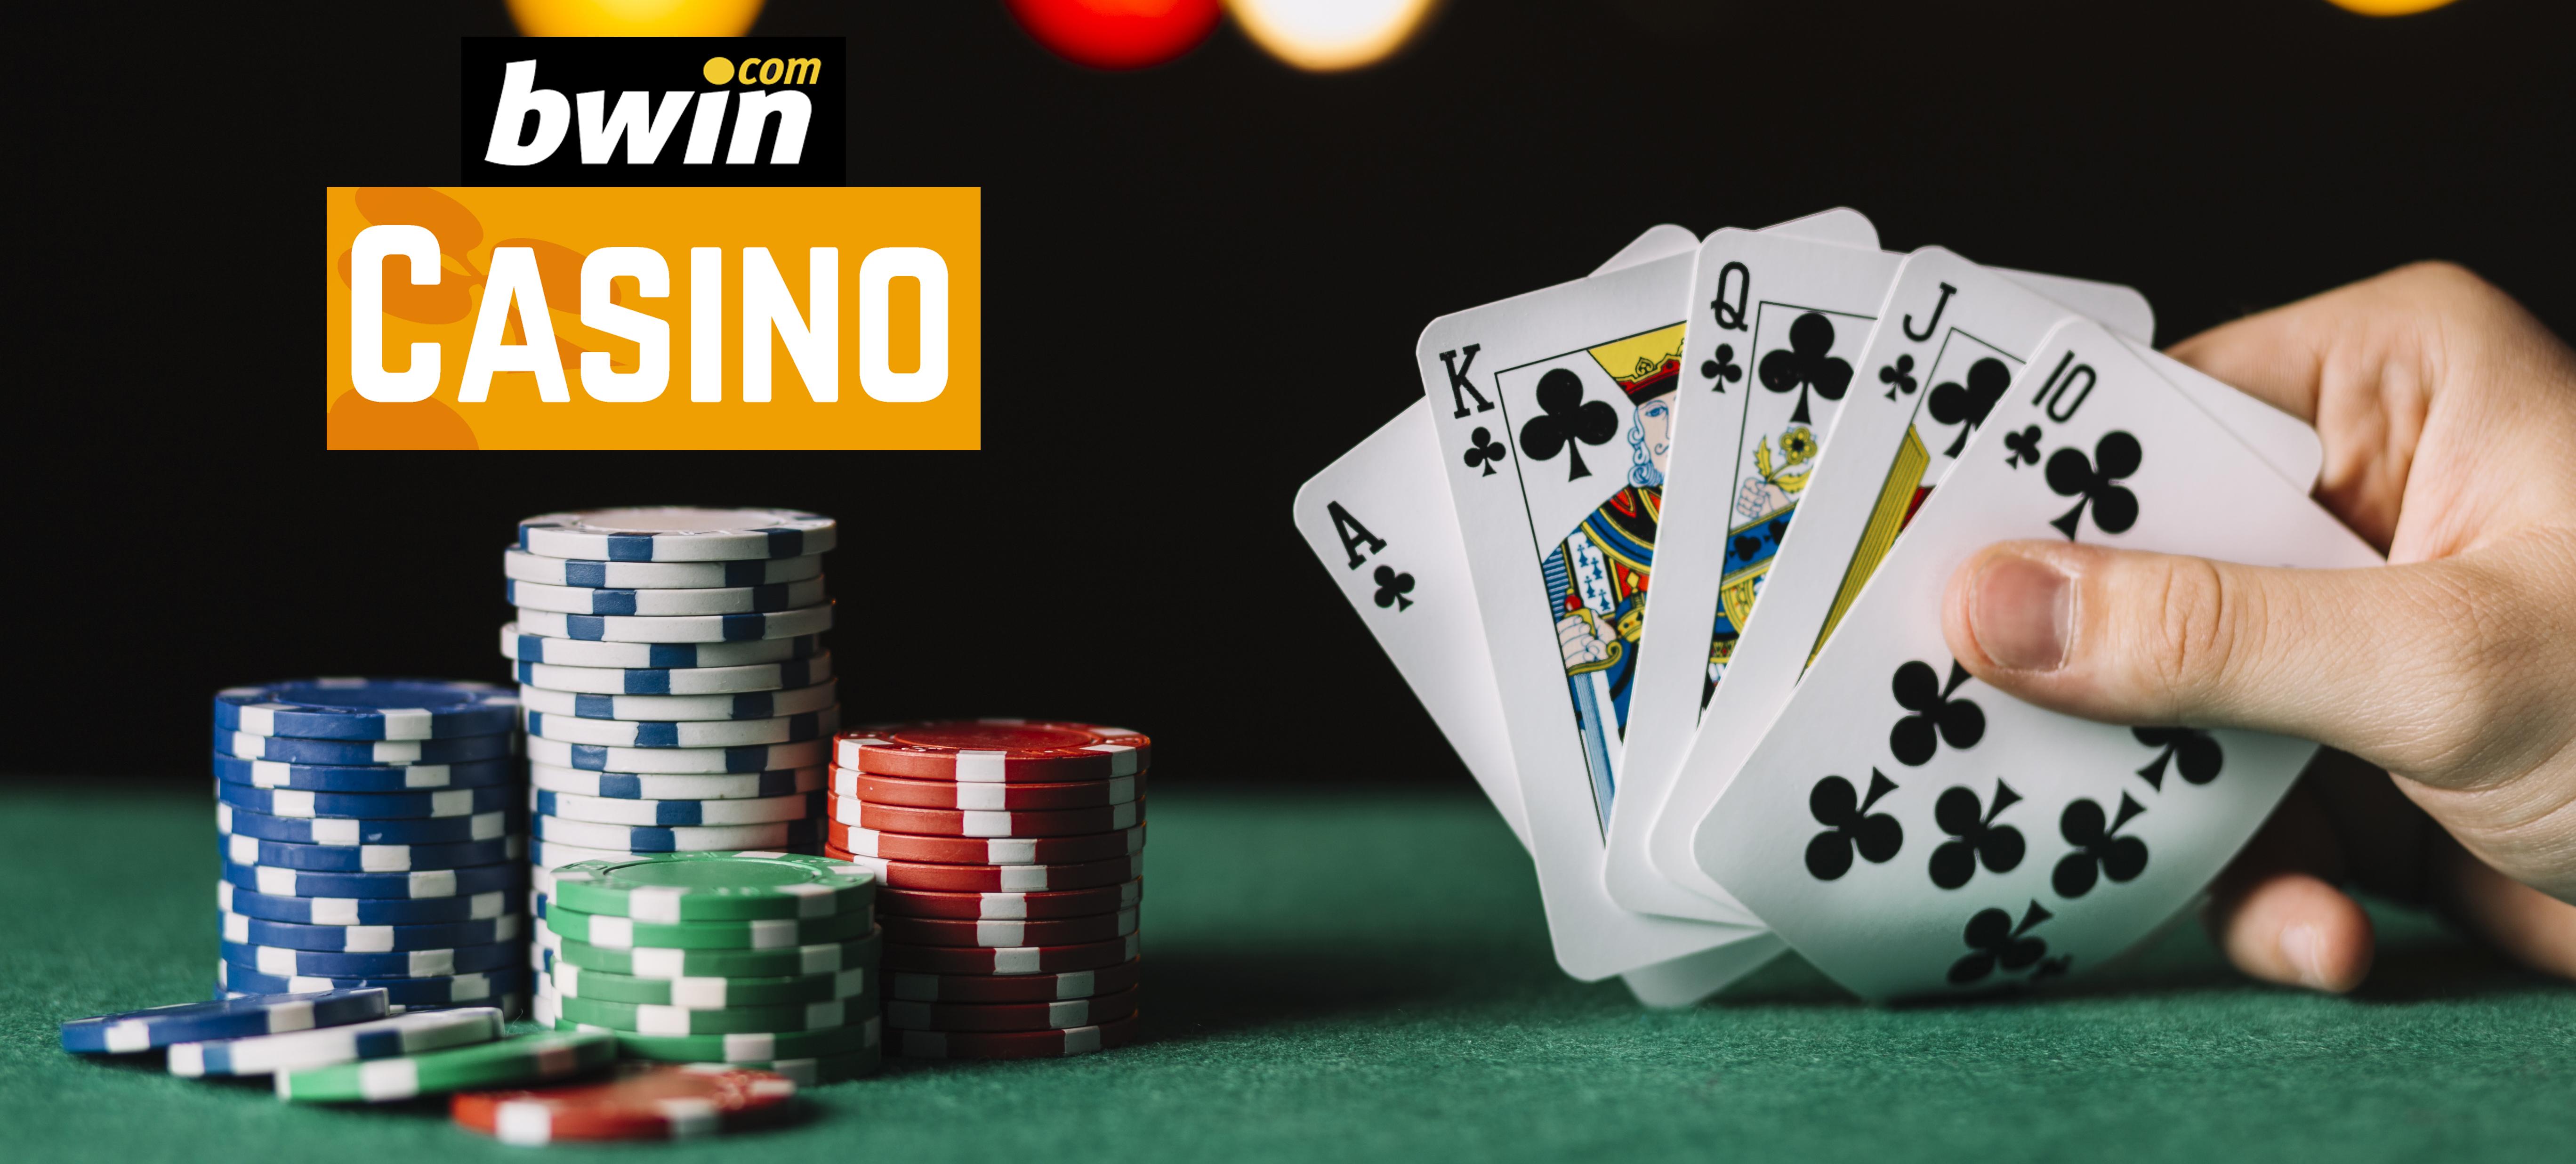 Bwin Casino 3